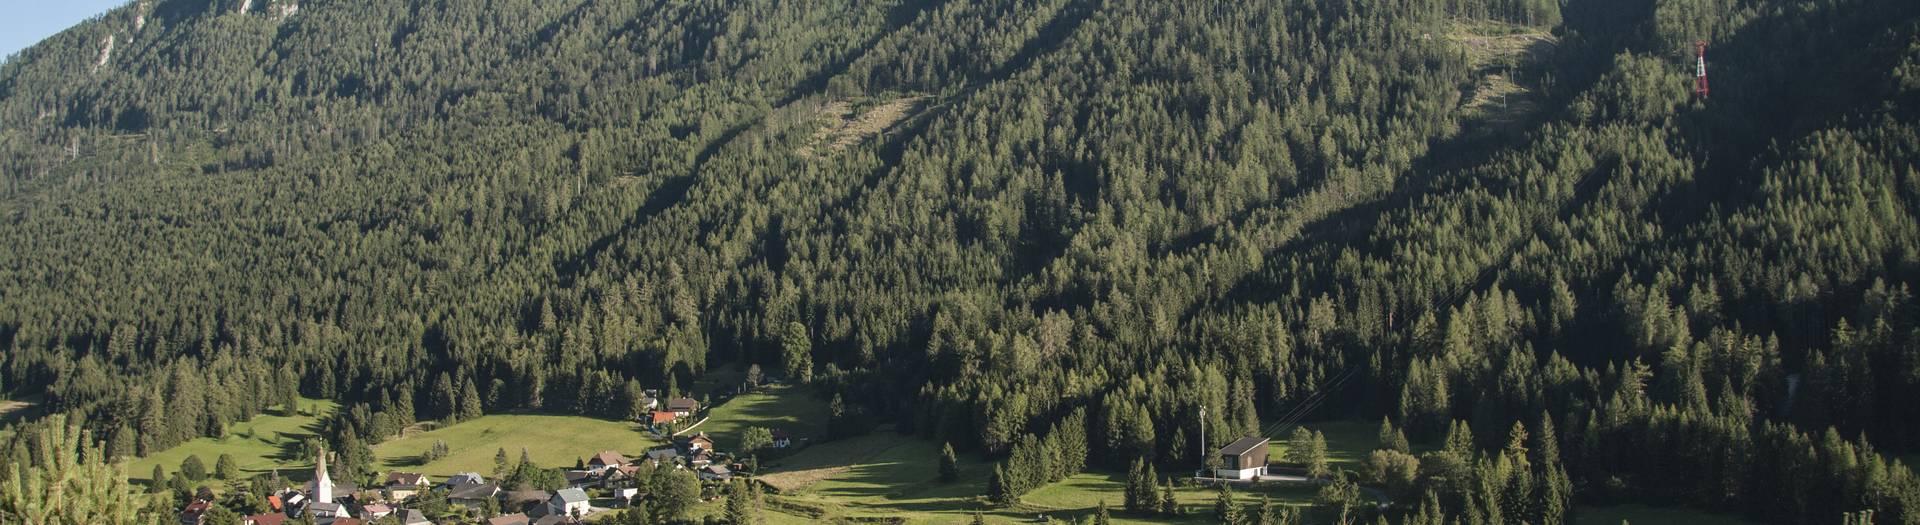 Bad Bleiberg im Naturpark Dobratsch